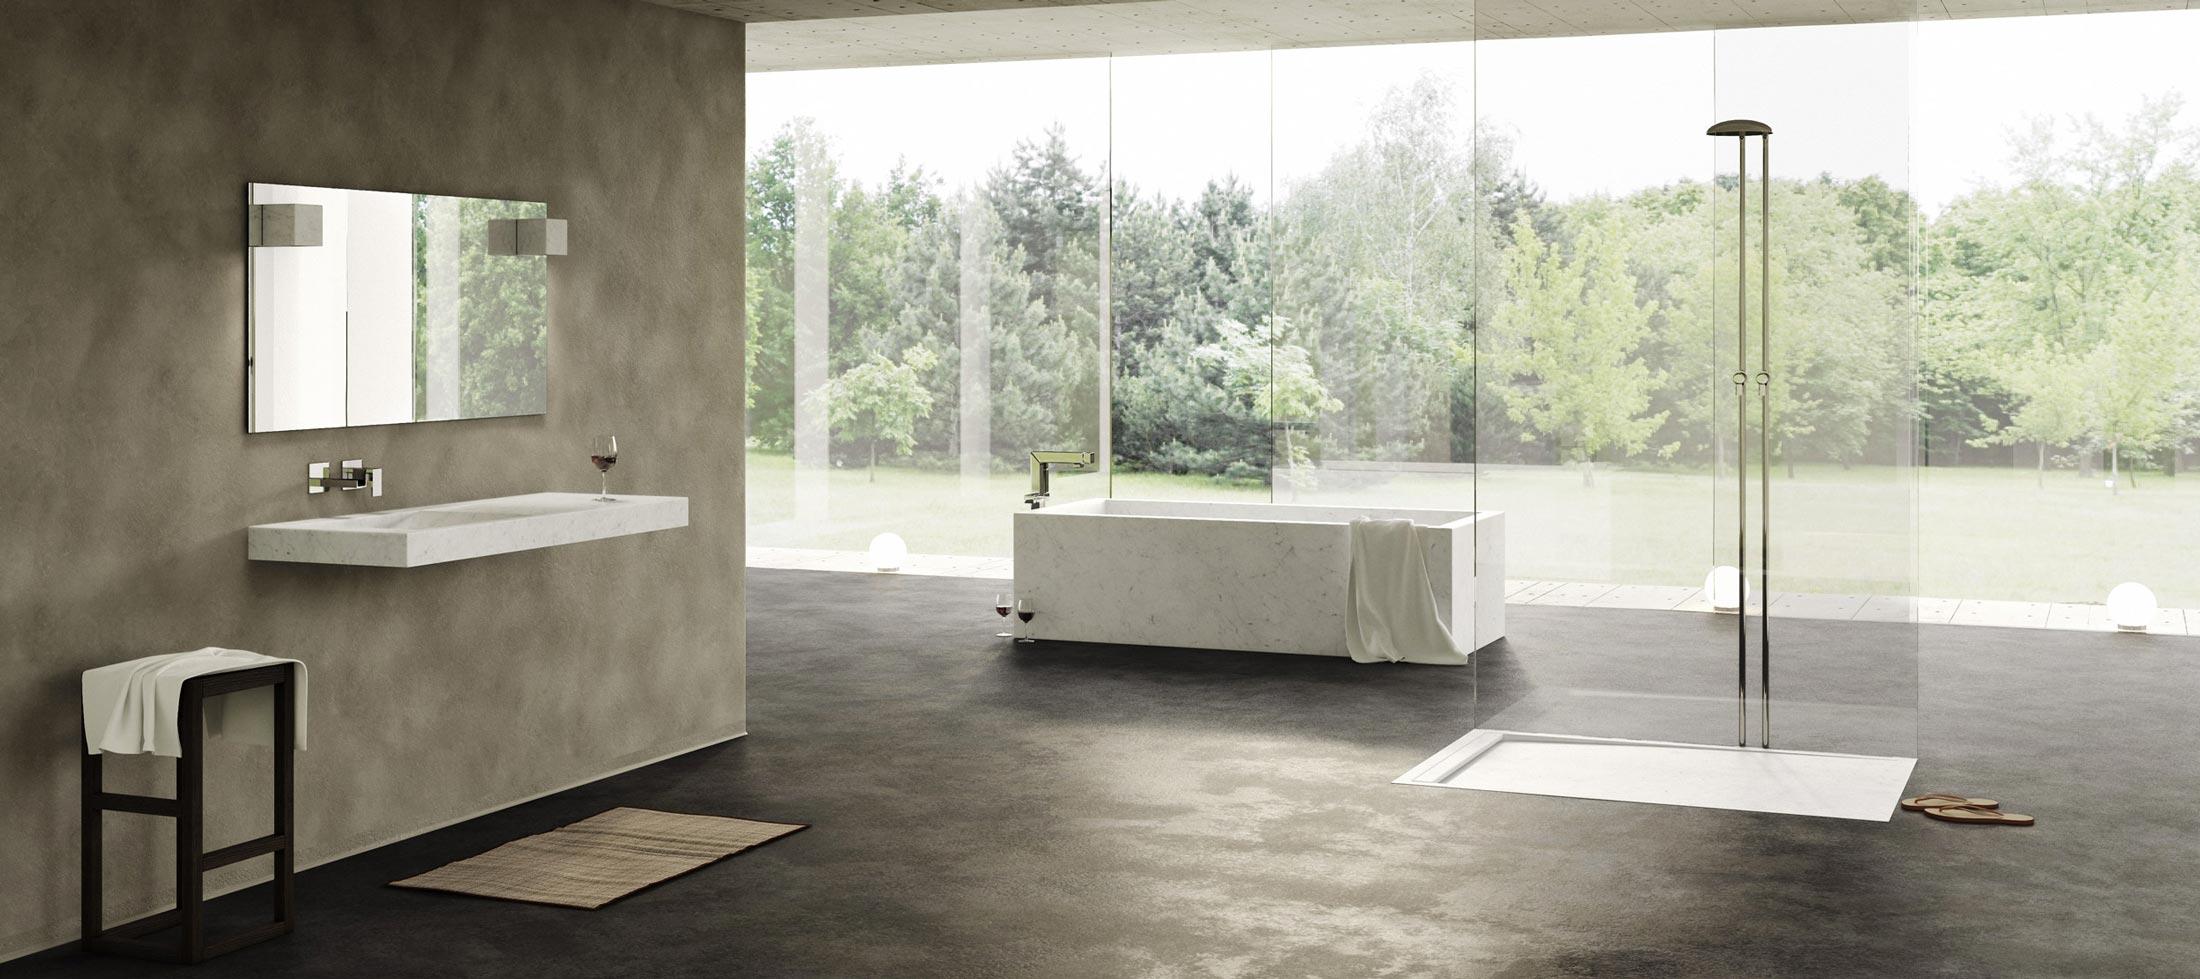 https://www.dedalostone.com/wp-content/uploads/2018/03/collezione-arredamento-bagno-marmo-leggero-lavandino-vasca-doccia-quadra.jpg